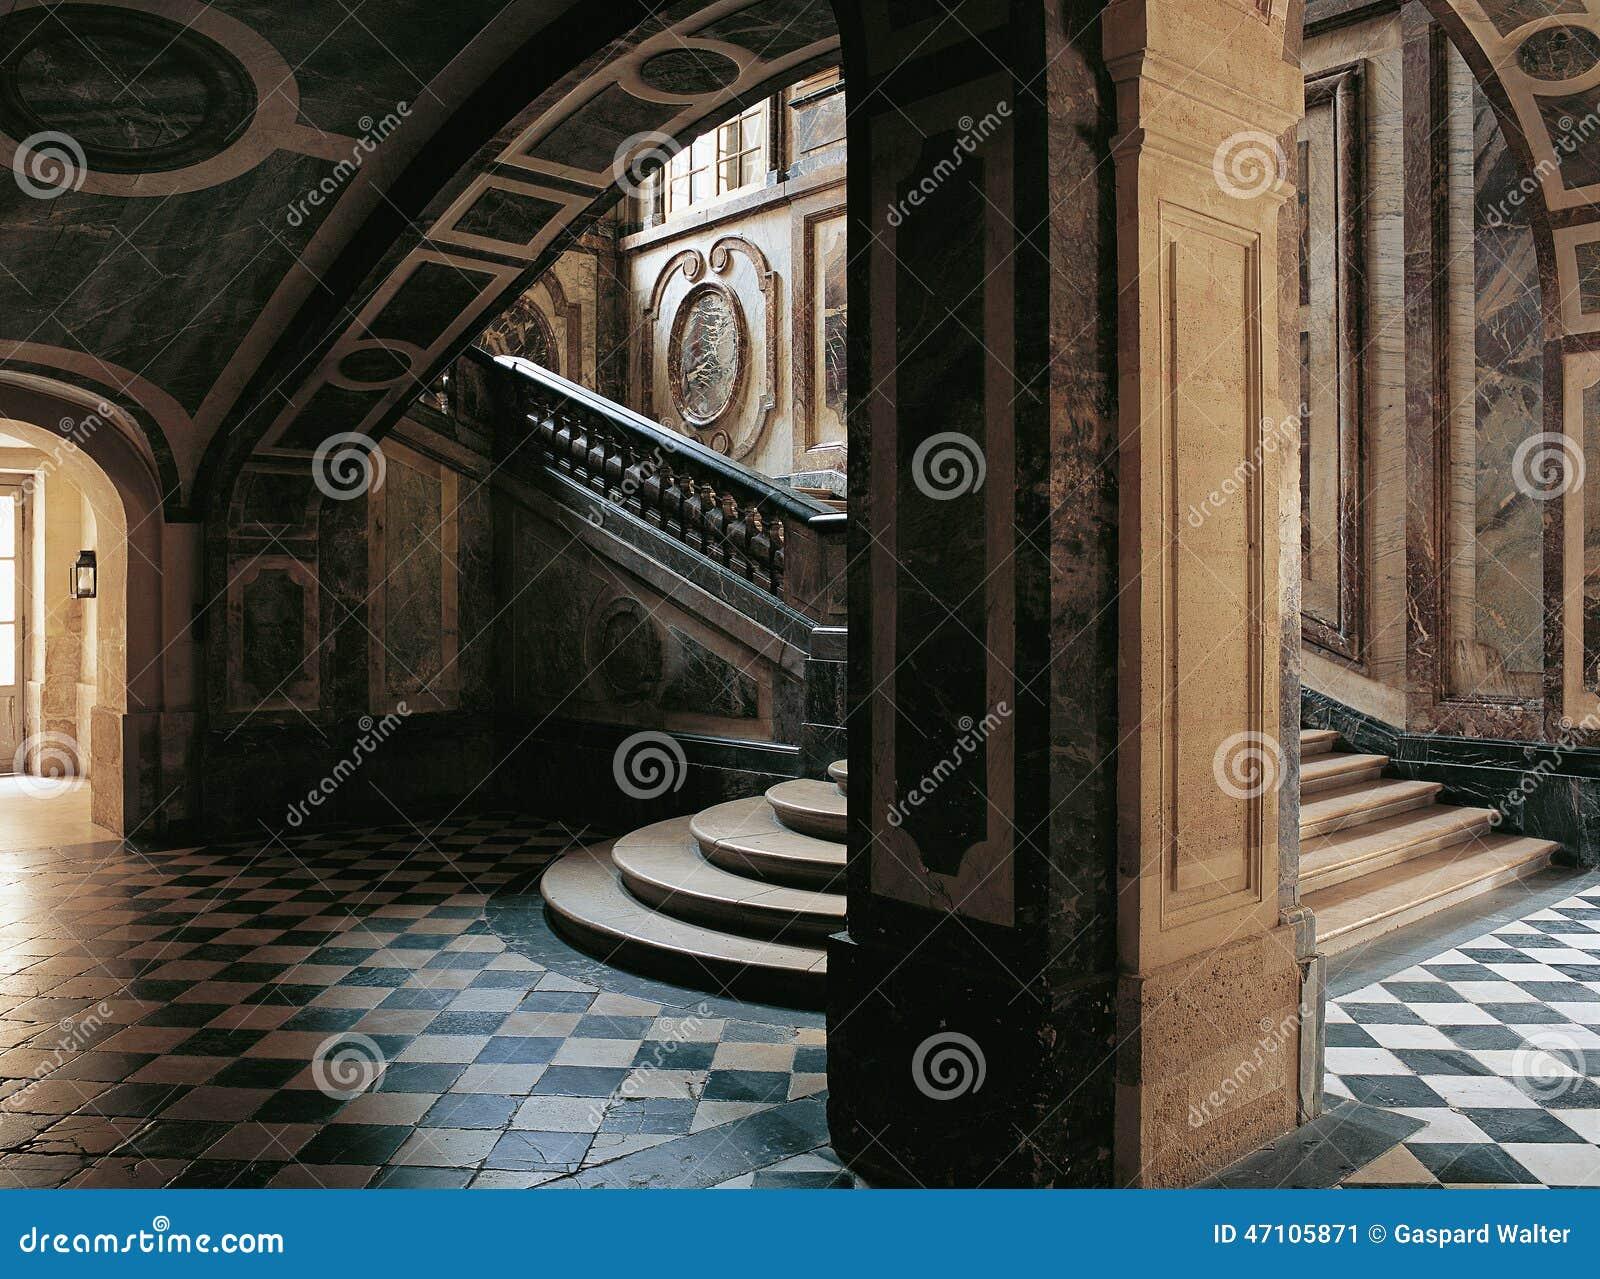 image Bajo vestido en escalera electrica Part 8